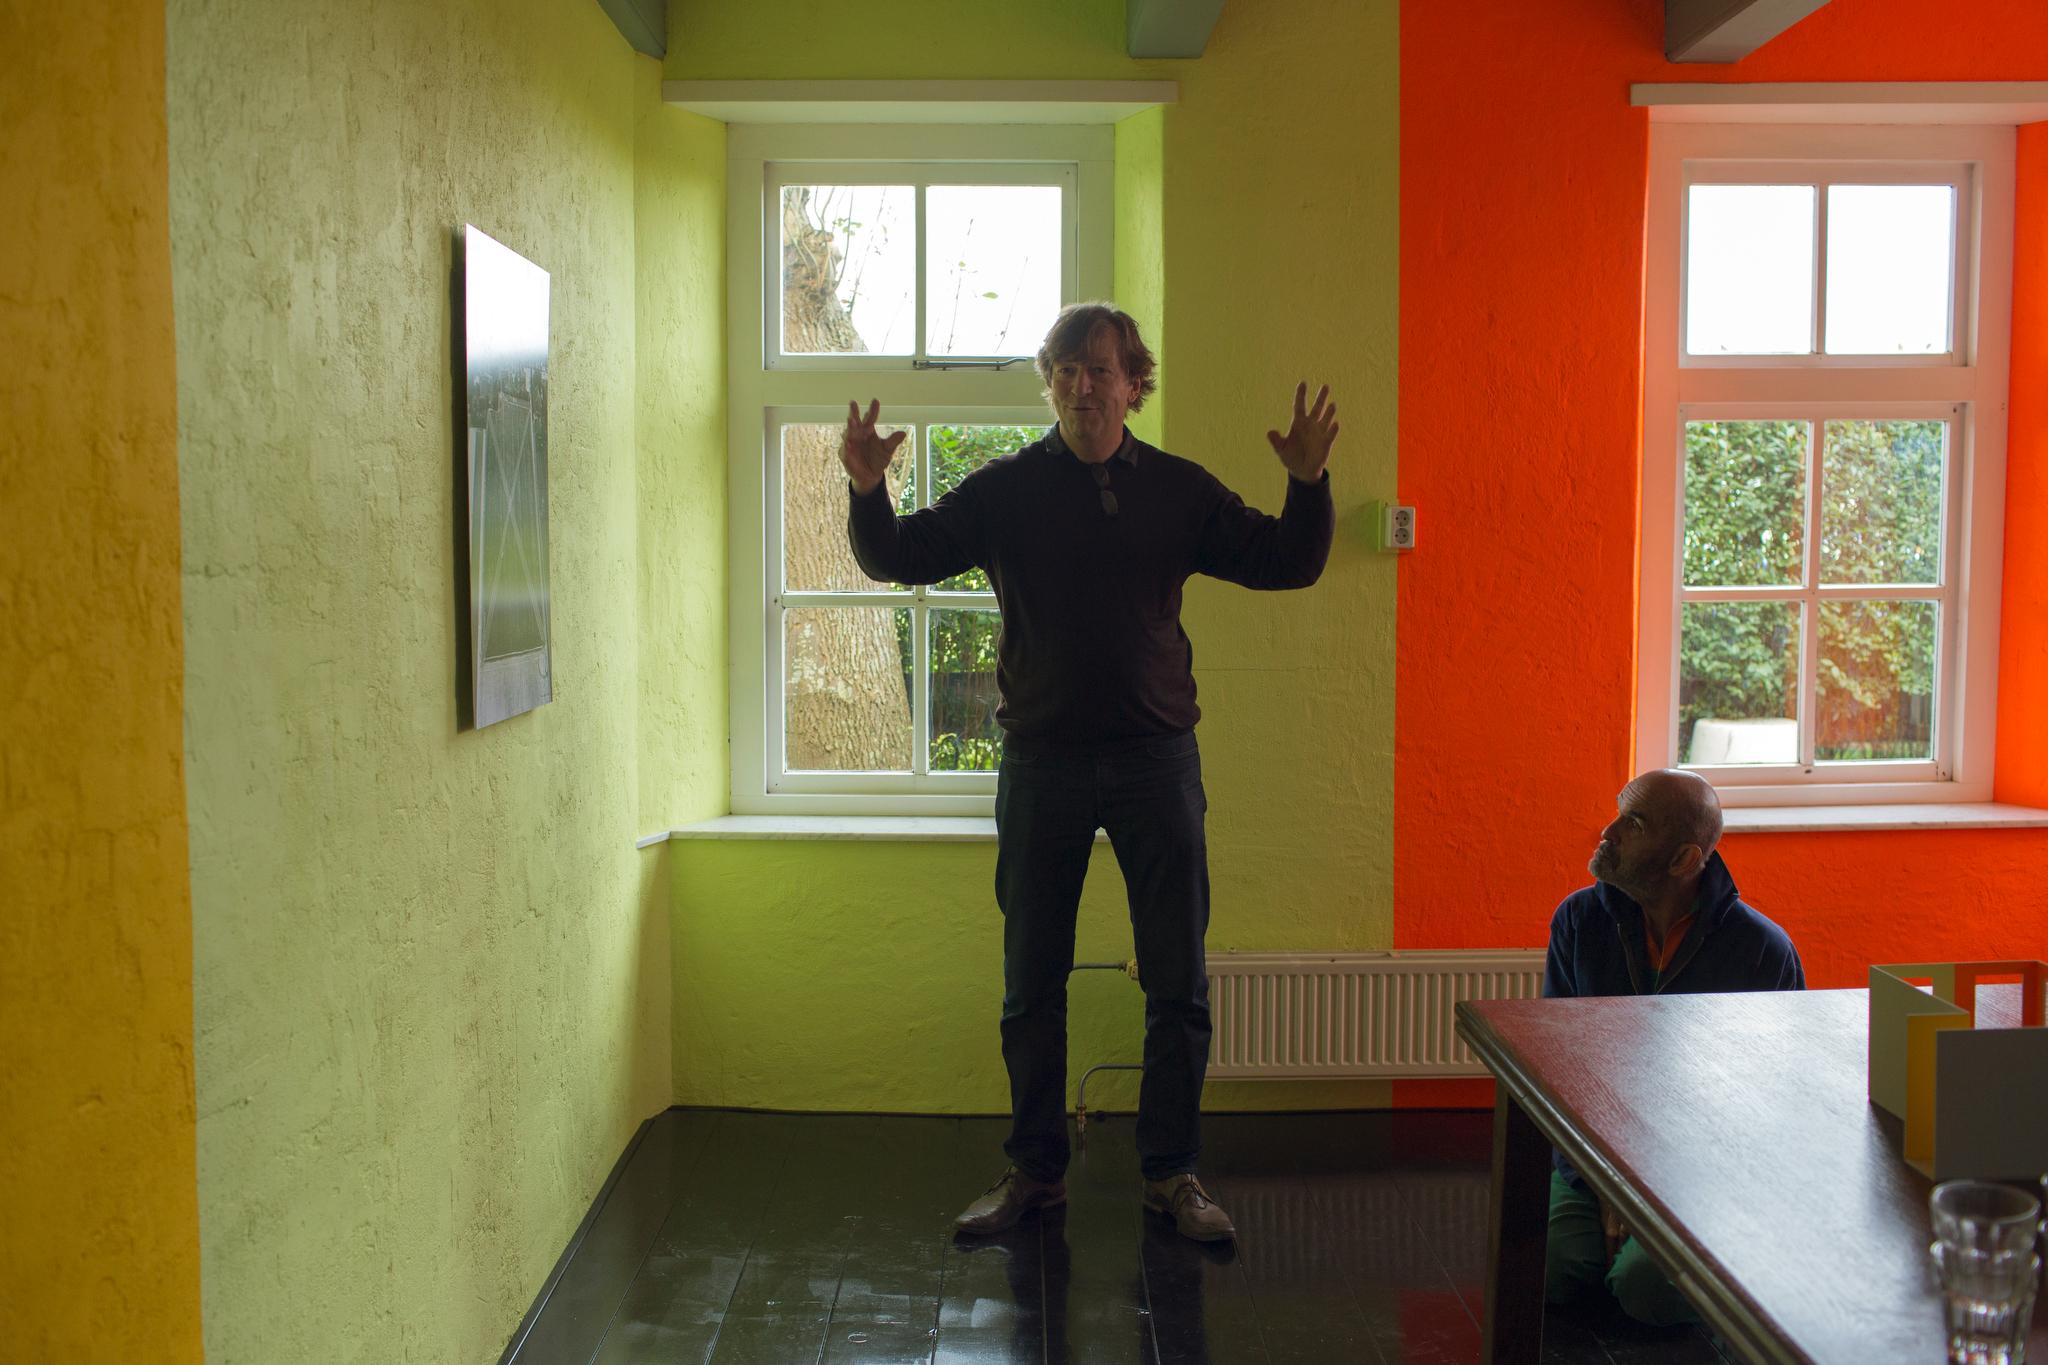 Photo: Dirk-Jan Visser / Usquert - Nederland / 03-10-2015: Opening van Jan van der Ploeg kamer in Atelier aan de Middendijk door Jan van der Ploeg